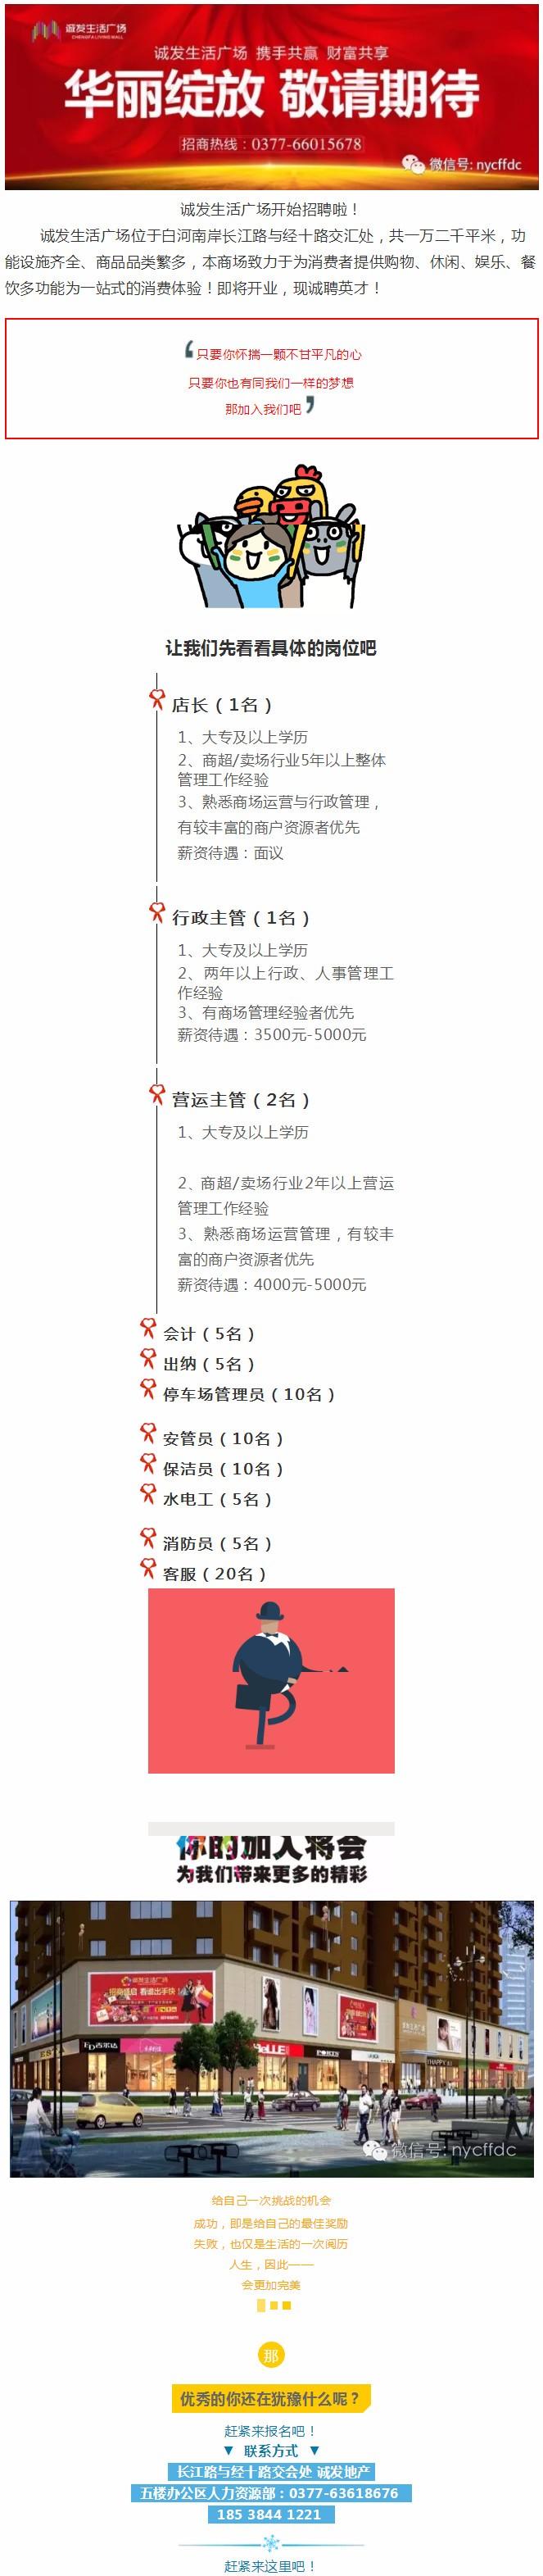 2018-05-09_161240.jpg